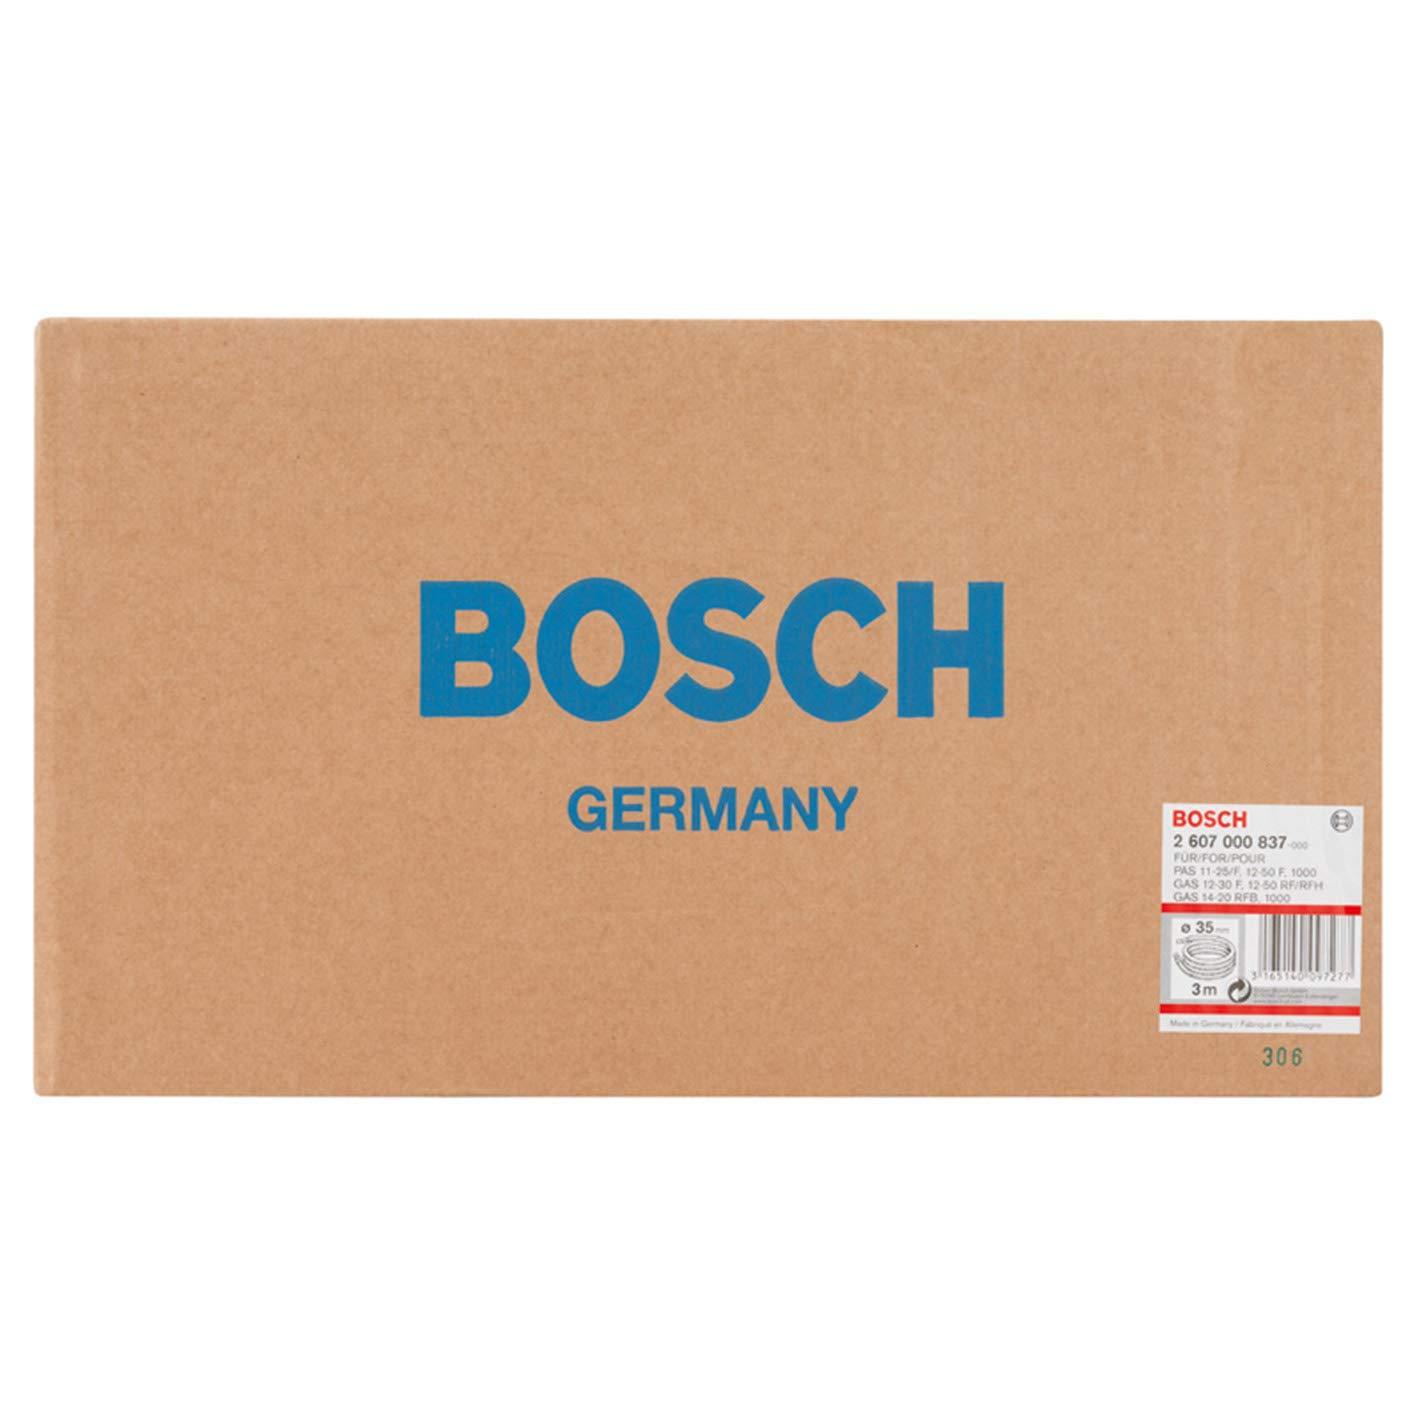 Manguera 3 m Bosch 2 607 000 837 35 mm pack de 1